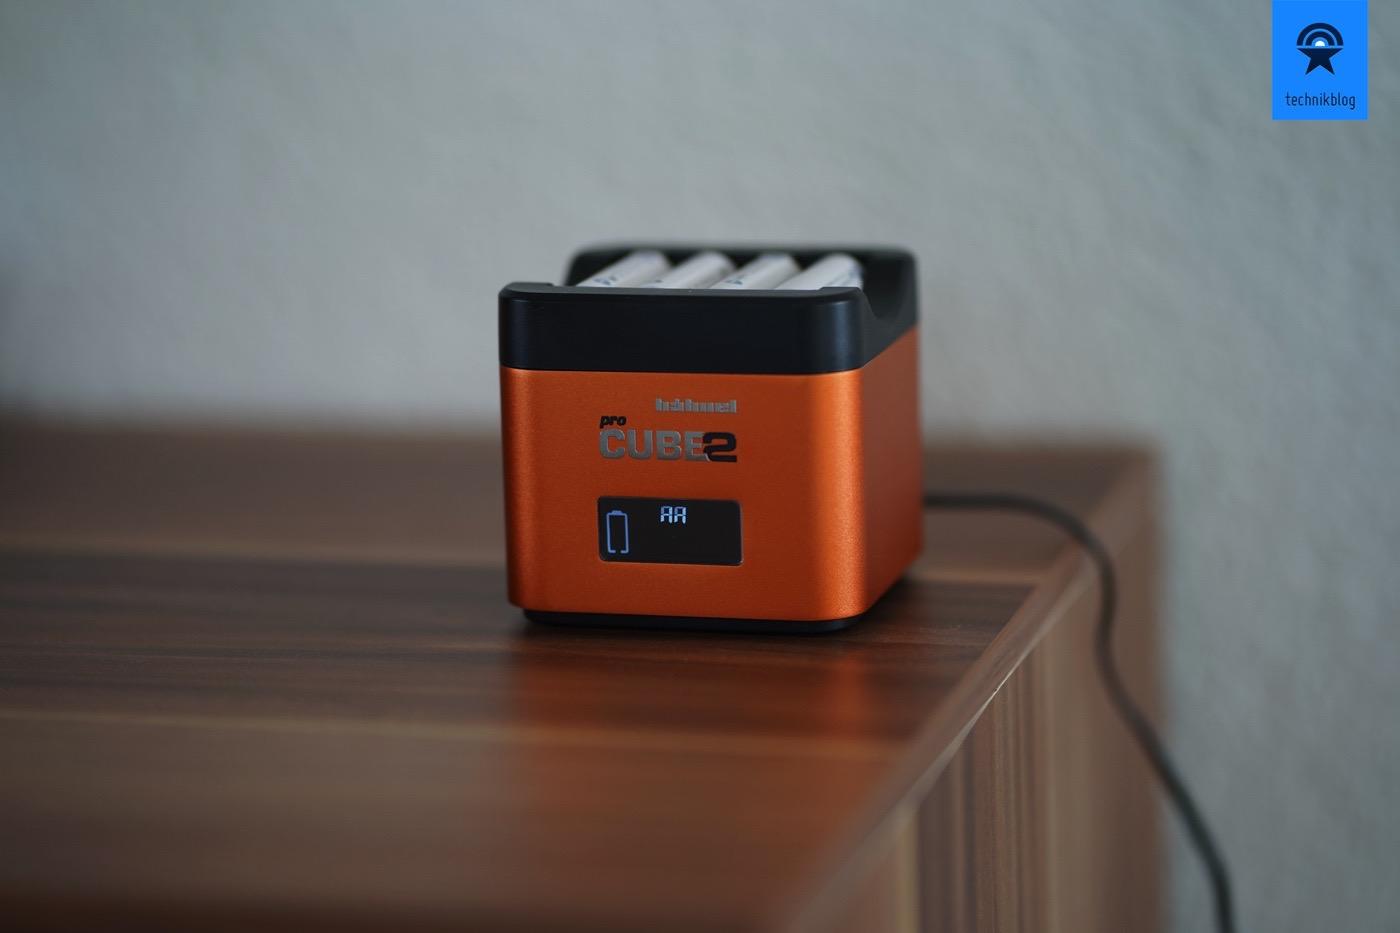 Hähnel Pro Cube 2